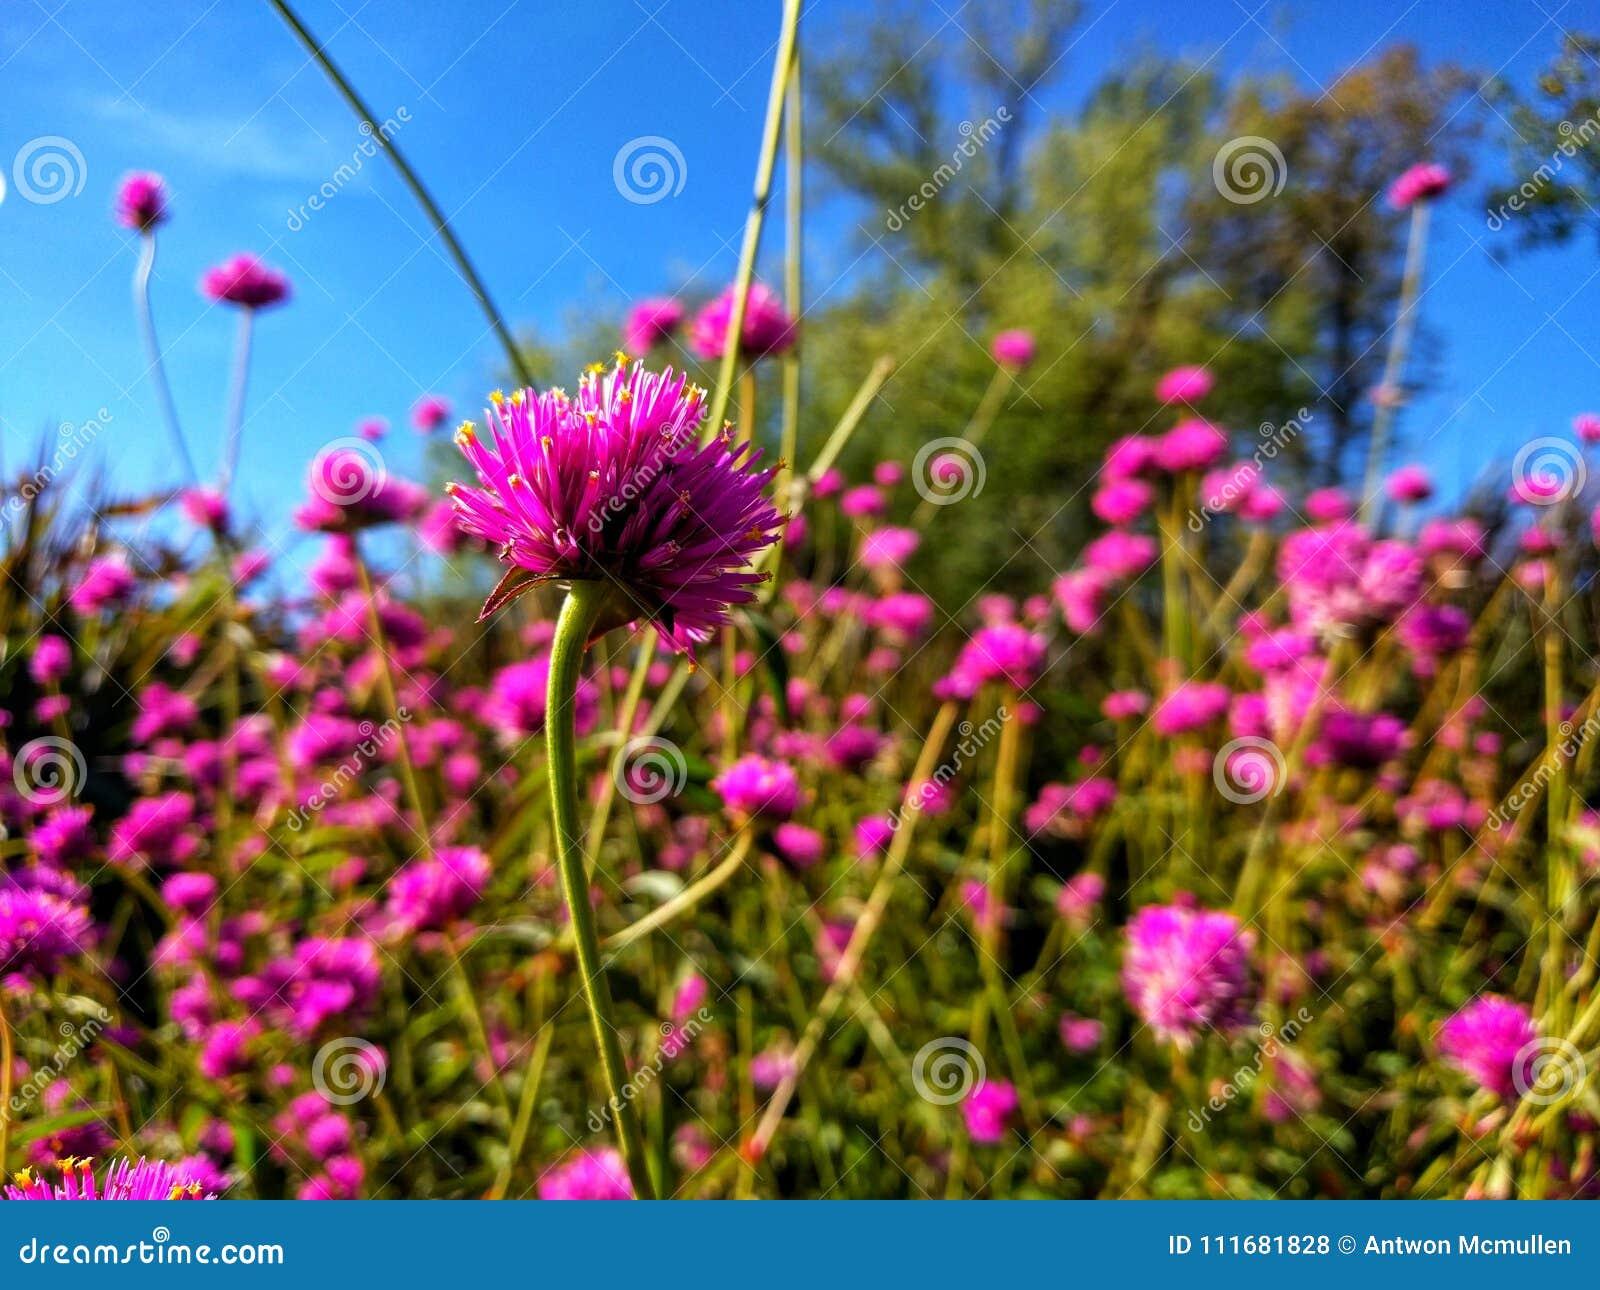 Fuchsiakleurig Alliumbloei tegen de blauwe hemel